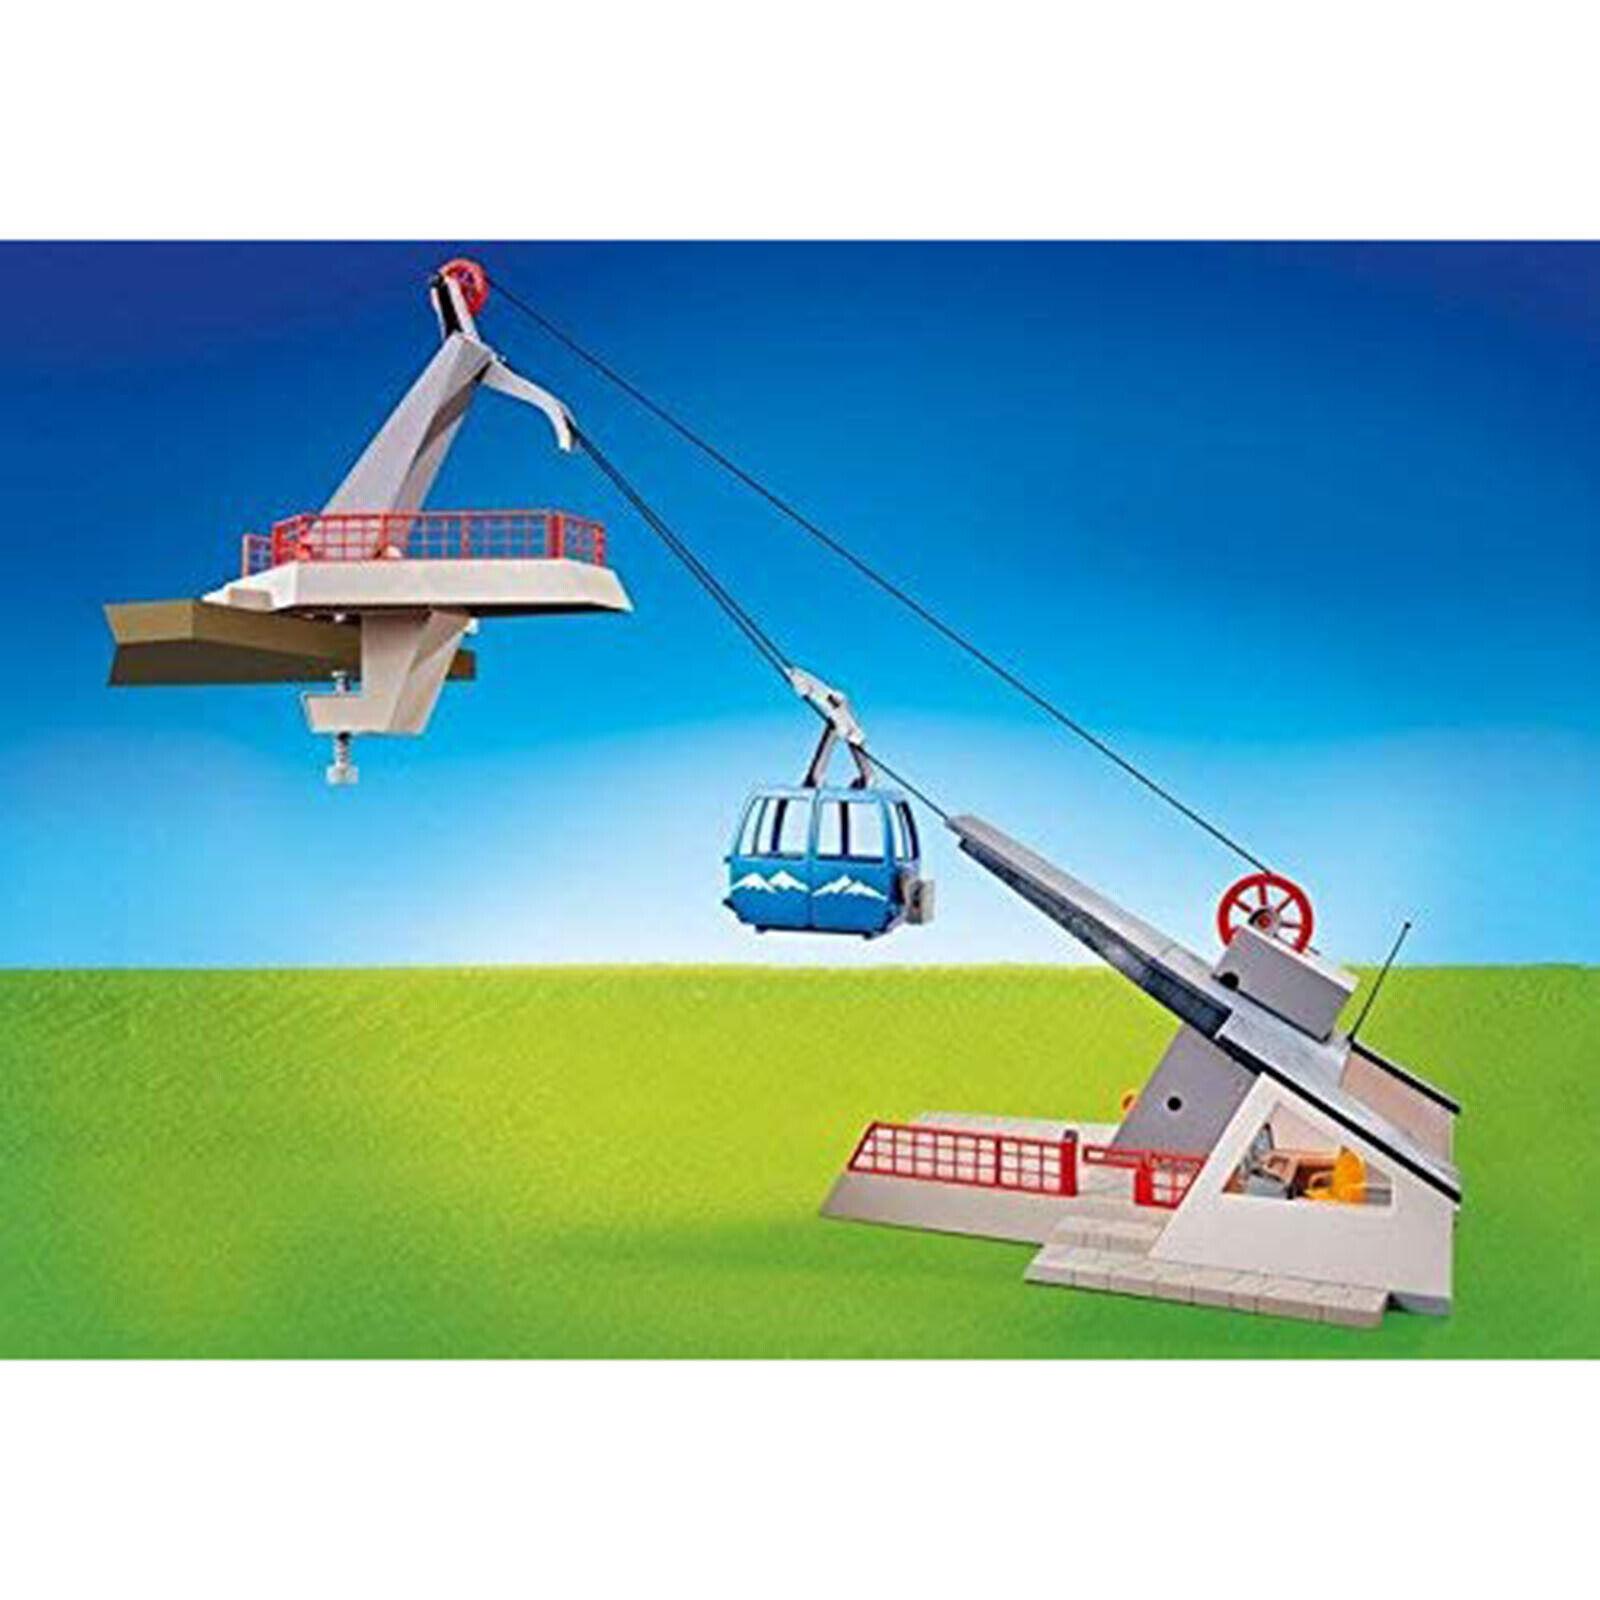 Playmobil  Gondola Lift costruzione Set 9830 nuovo Learning giocattoli  marchi di moda